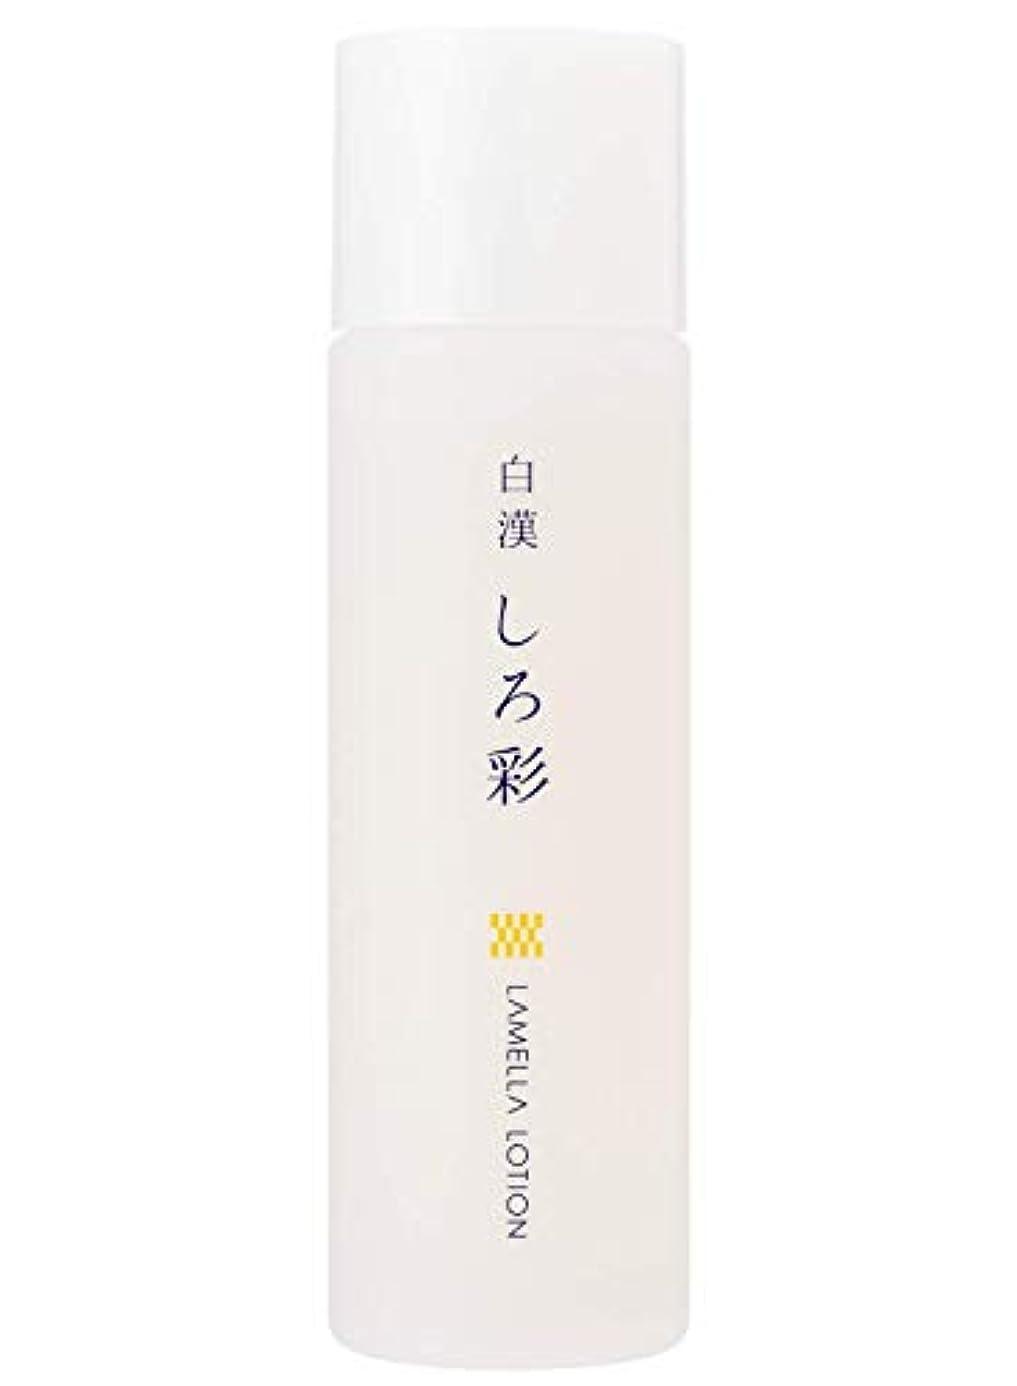 サイレントモットー規則性白漢 しろ彩 正規販売店 ラメラローション 化粧水